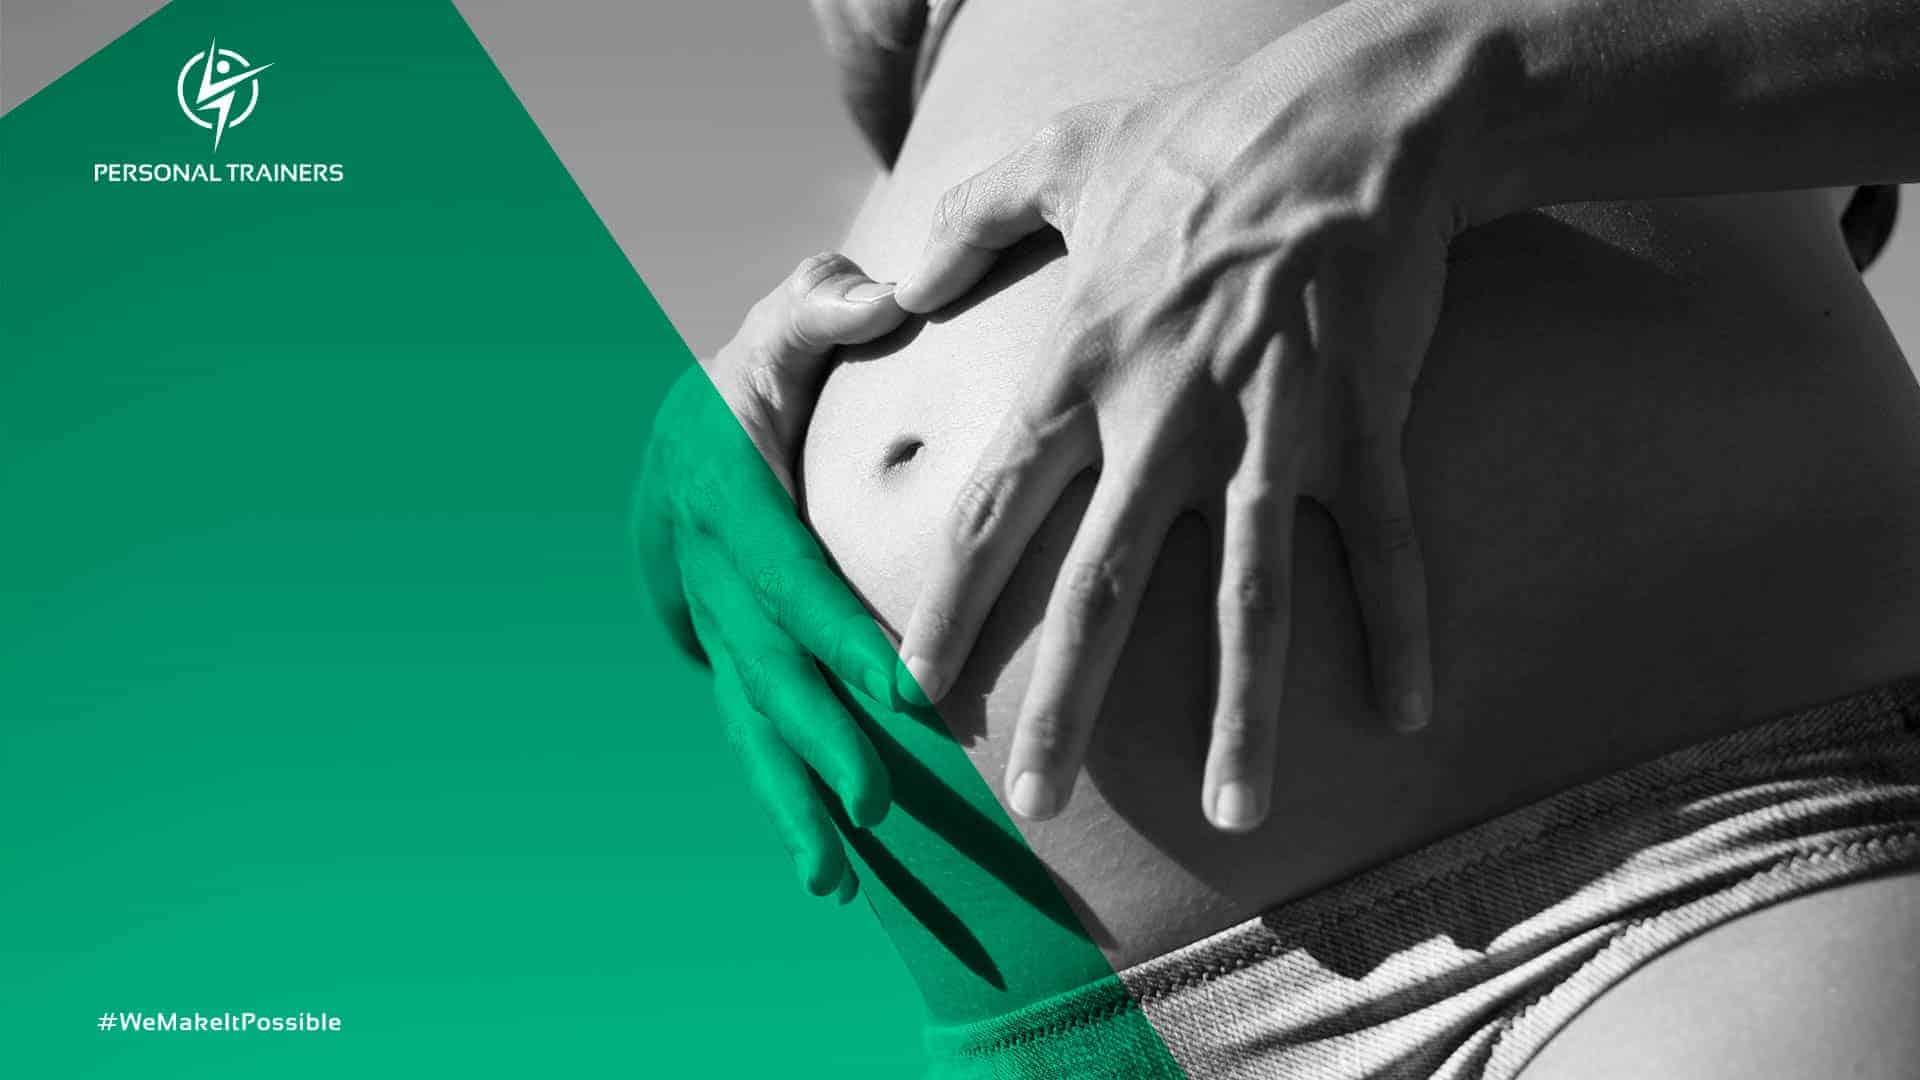 Exercício na gravidez, sim ou não? - Evolve Fitness Concept